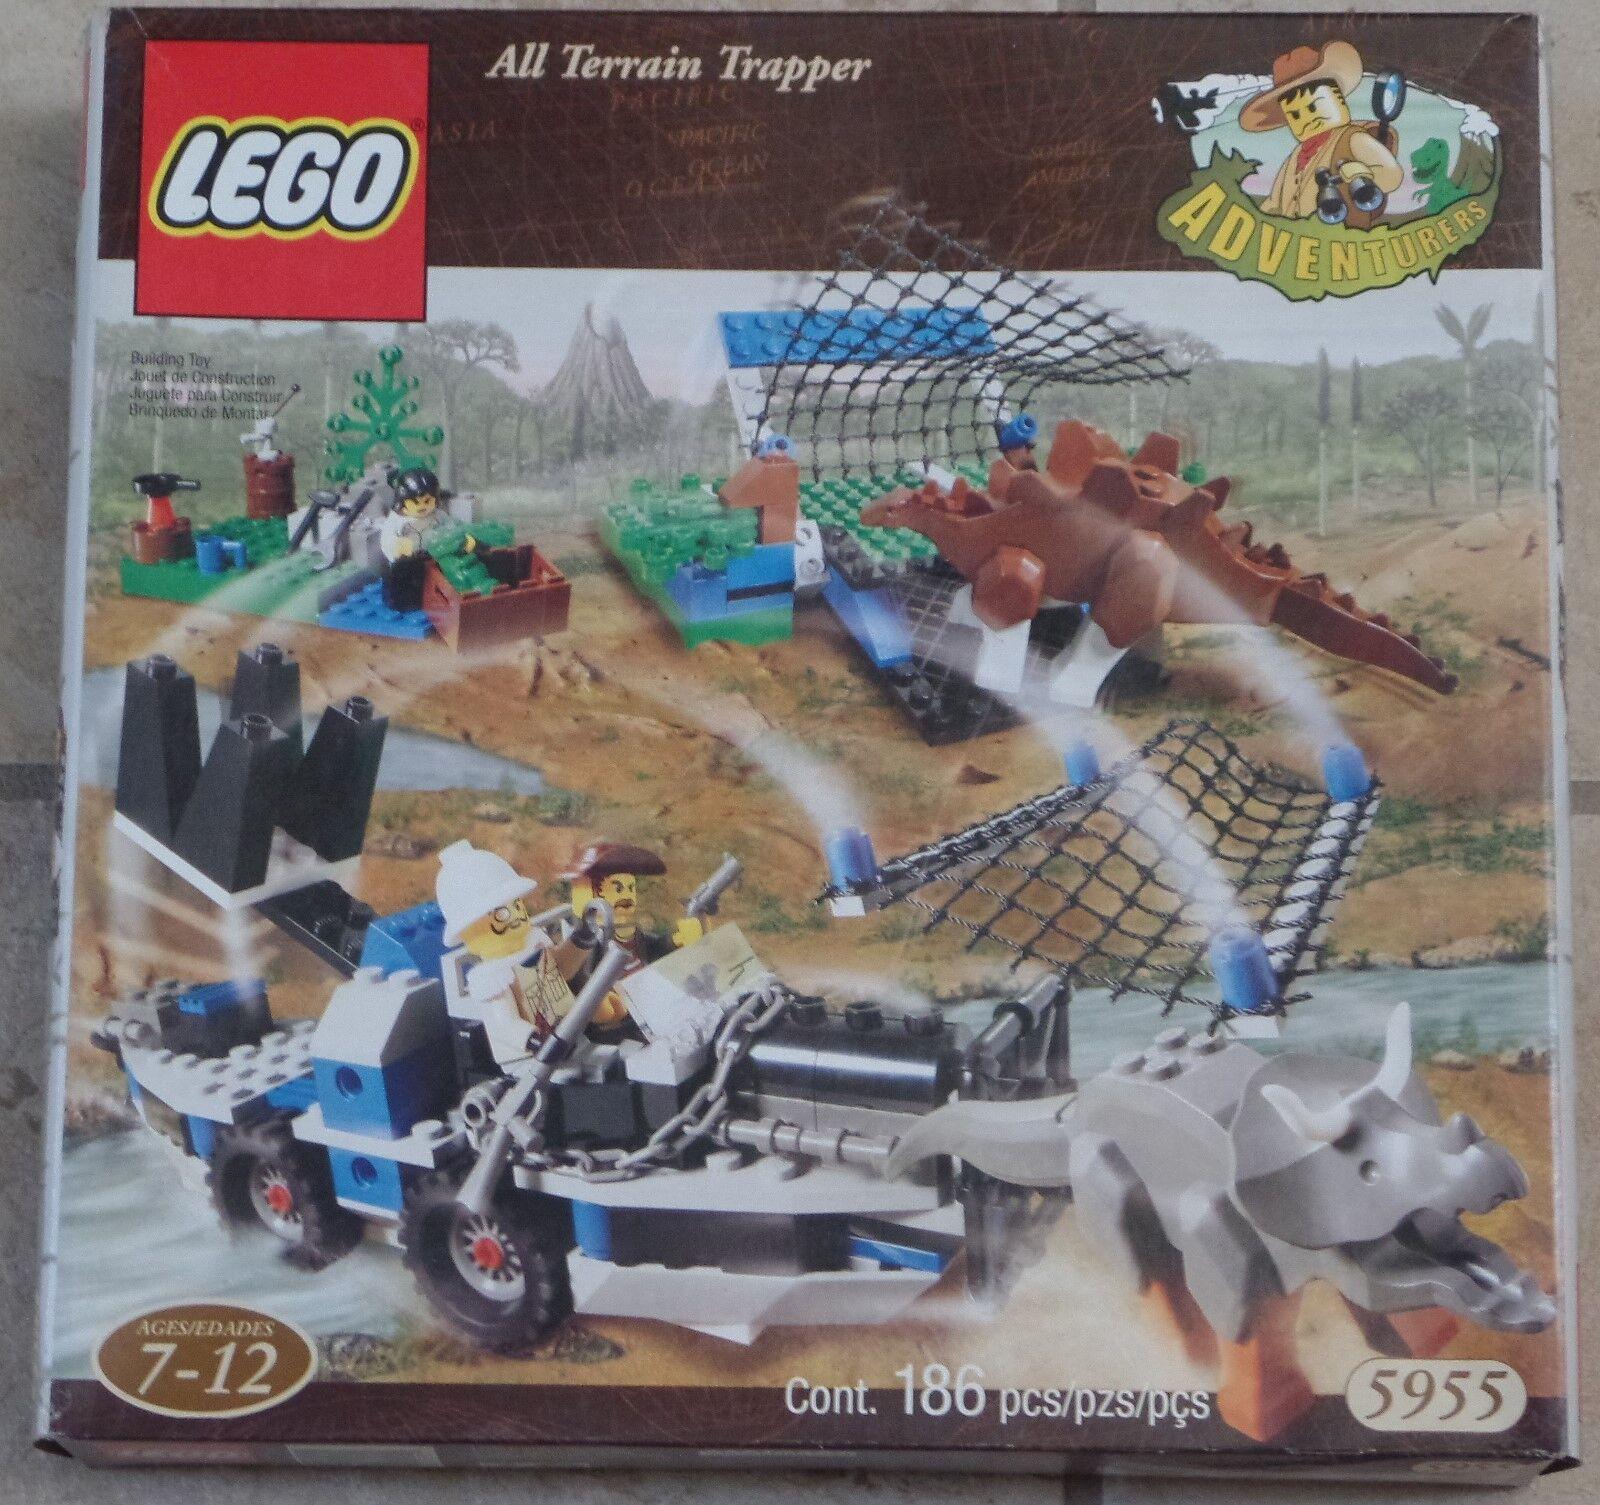 Lego Adventurers 5955 Dino Isle tutti Terrain Trapper (186 pcs) nuovo MISP 2000